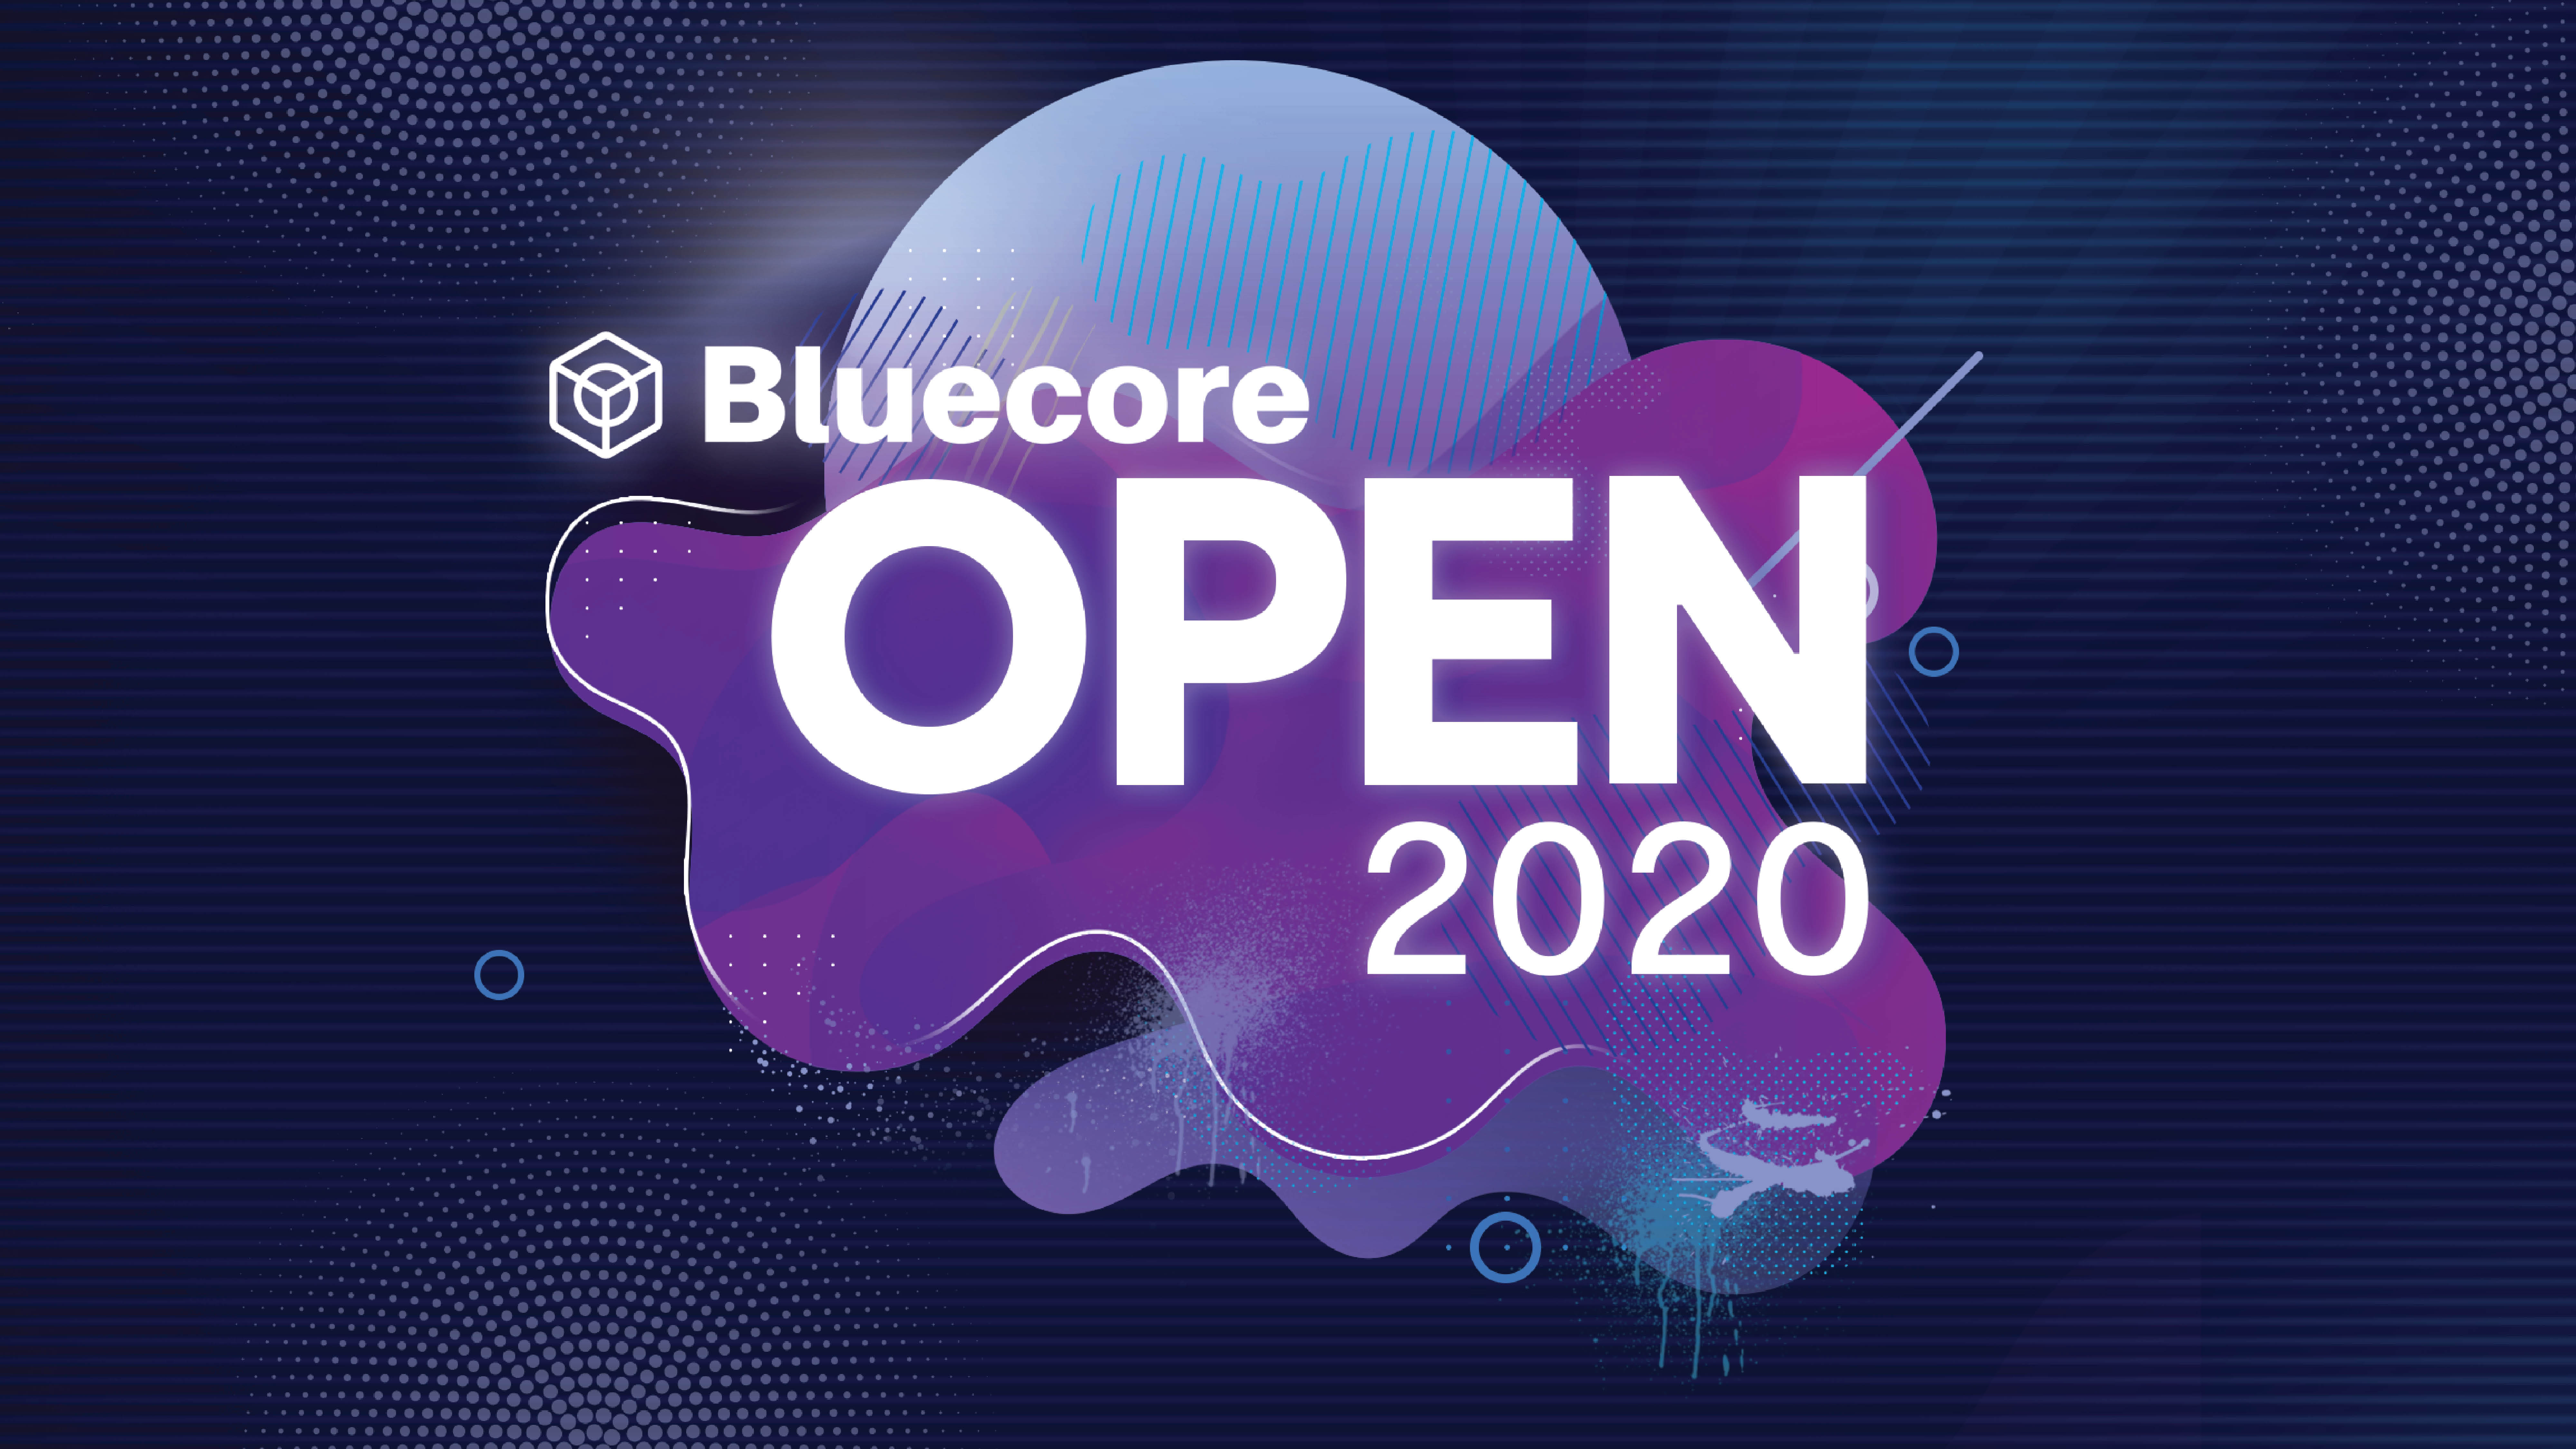 Bluecore Open